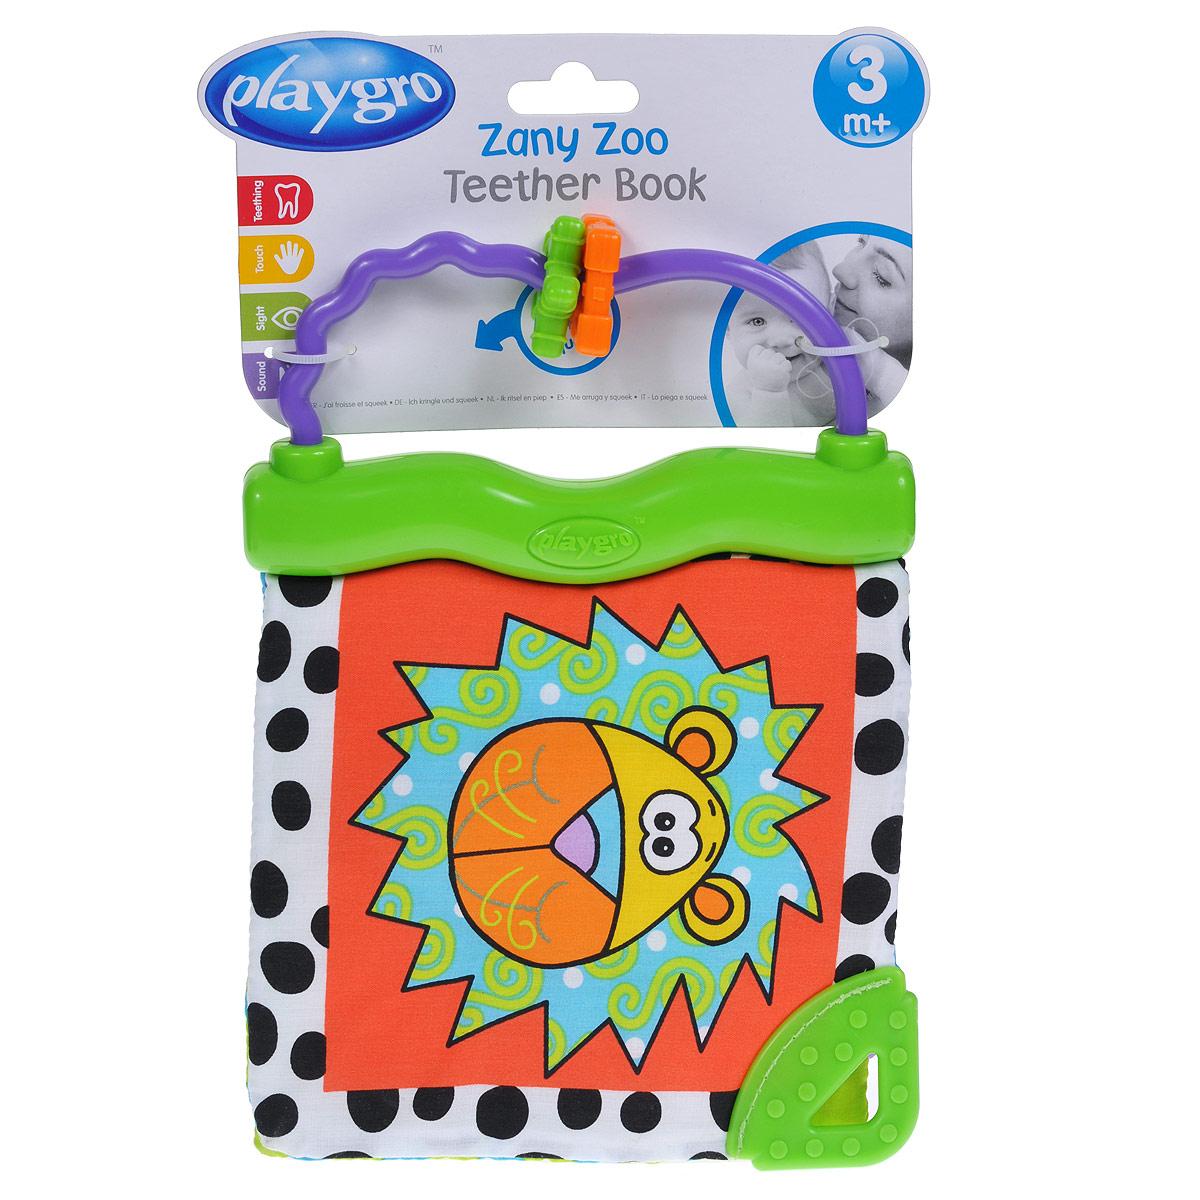 Книжка-прорезыватель Playgro Zany zoo0170173Мягкая книжка-прорезыватель Playgro Zany zoo привлечет внимание вашего малыша и не позволит ему скучать. Игрушка выполнена в виде книжки с тремя мягкими страницами, оформленными фактурными нашивками, шуршащим эффектом и забавным писком. Книжка крепится к пластиковому основанию. Это первая книжка малыша, с ее веселыми картинками он сможет играть часами. Специальные текстурные прорезыватели помогают успокоить воспаленные десны.